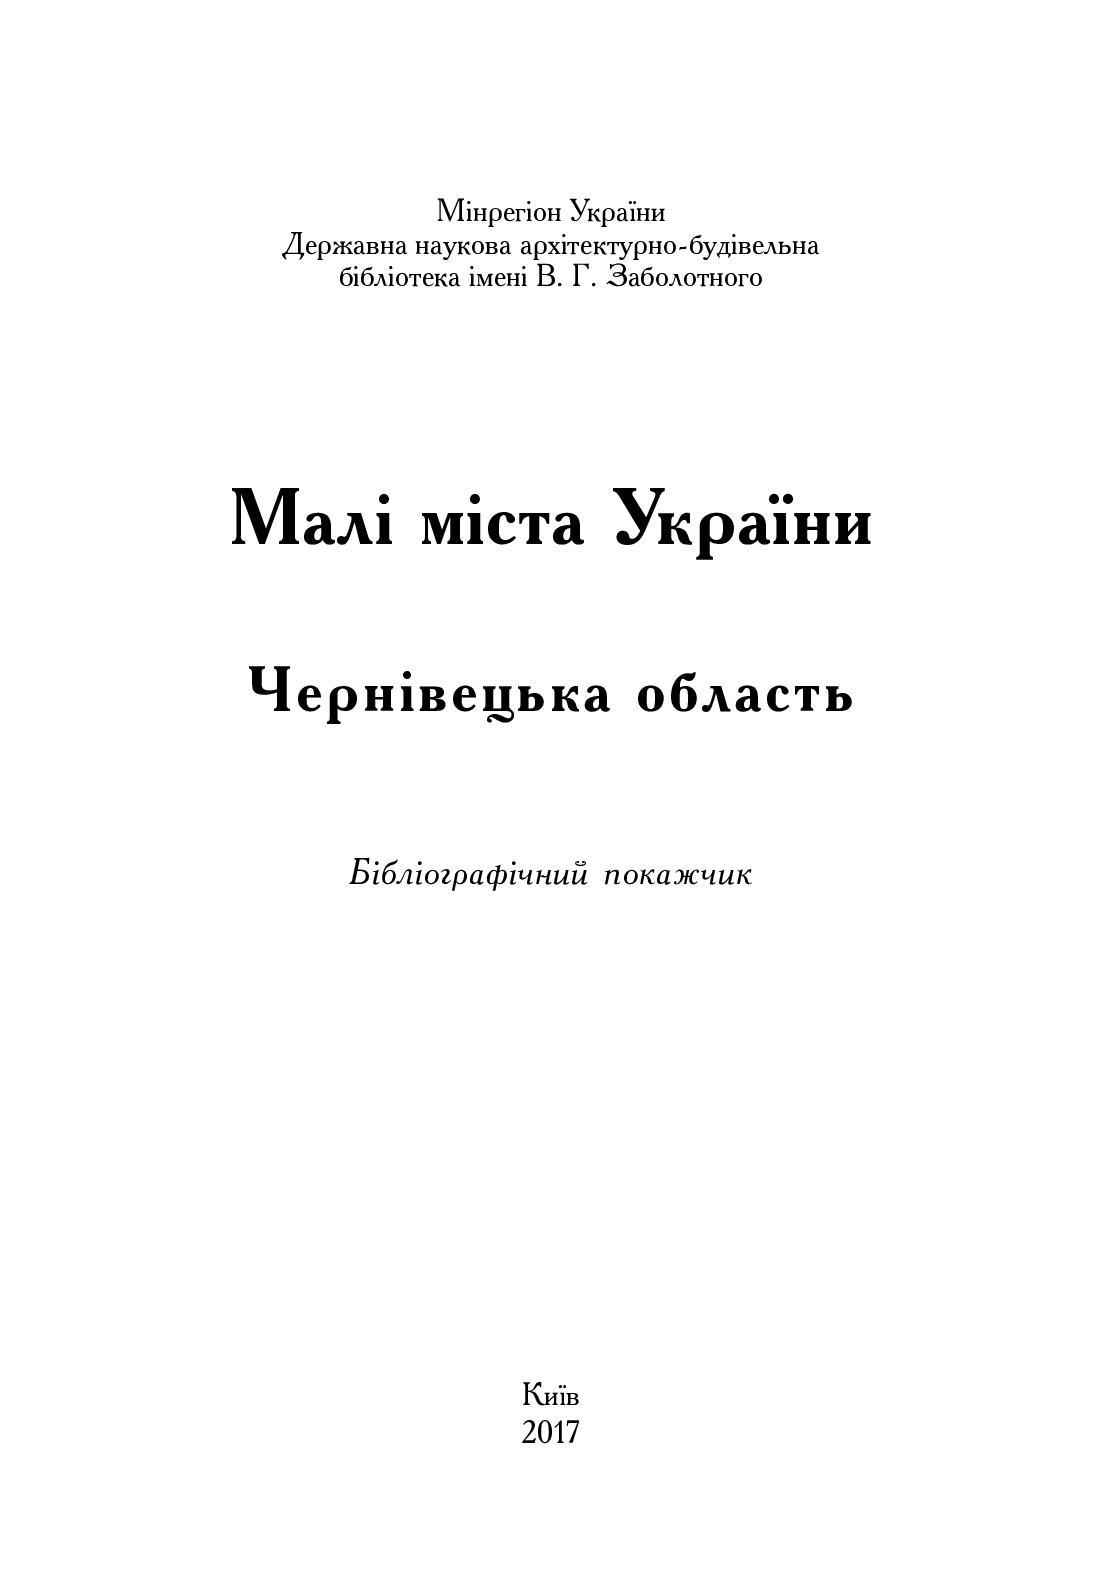 Чернівецька область 25 10 2017